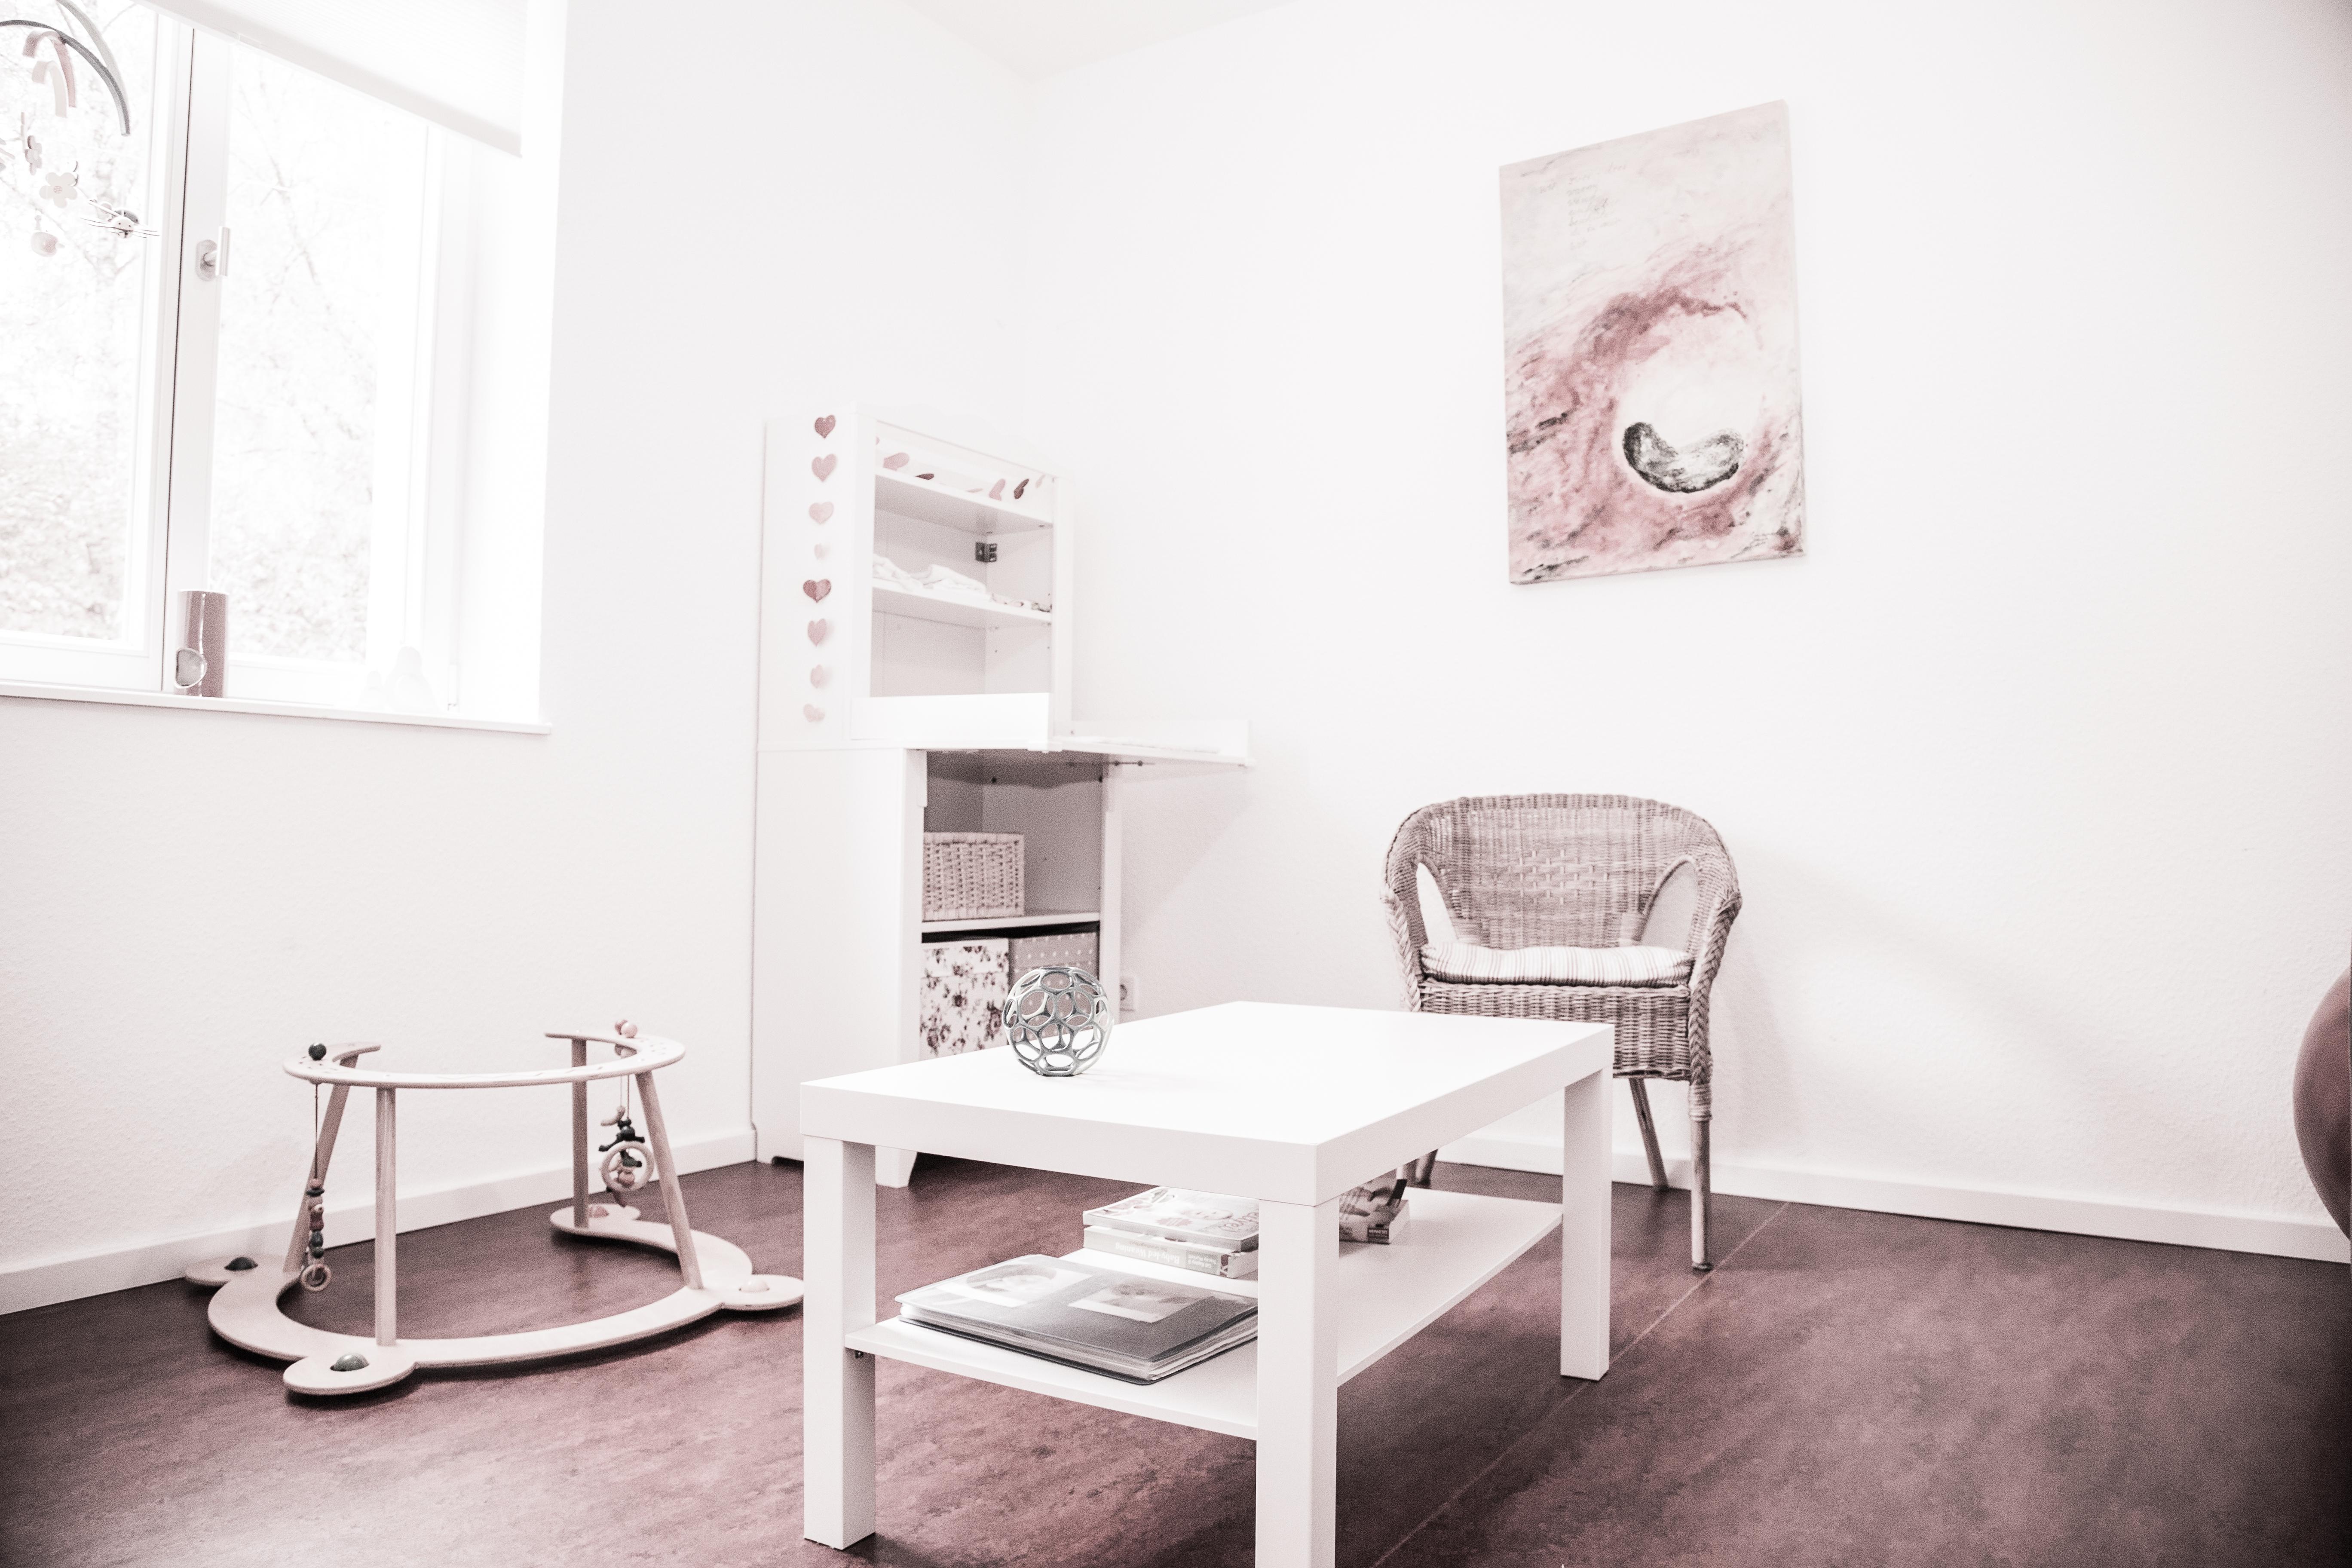 Hebammen-/ Beratungszimmer